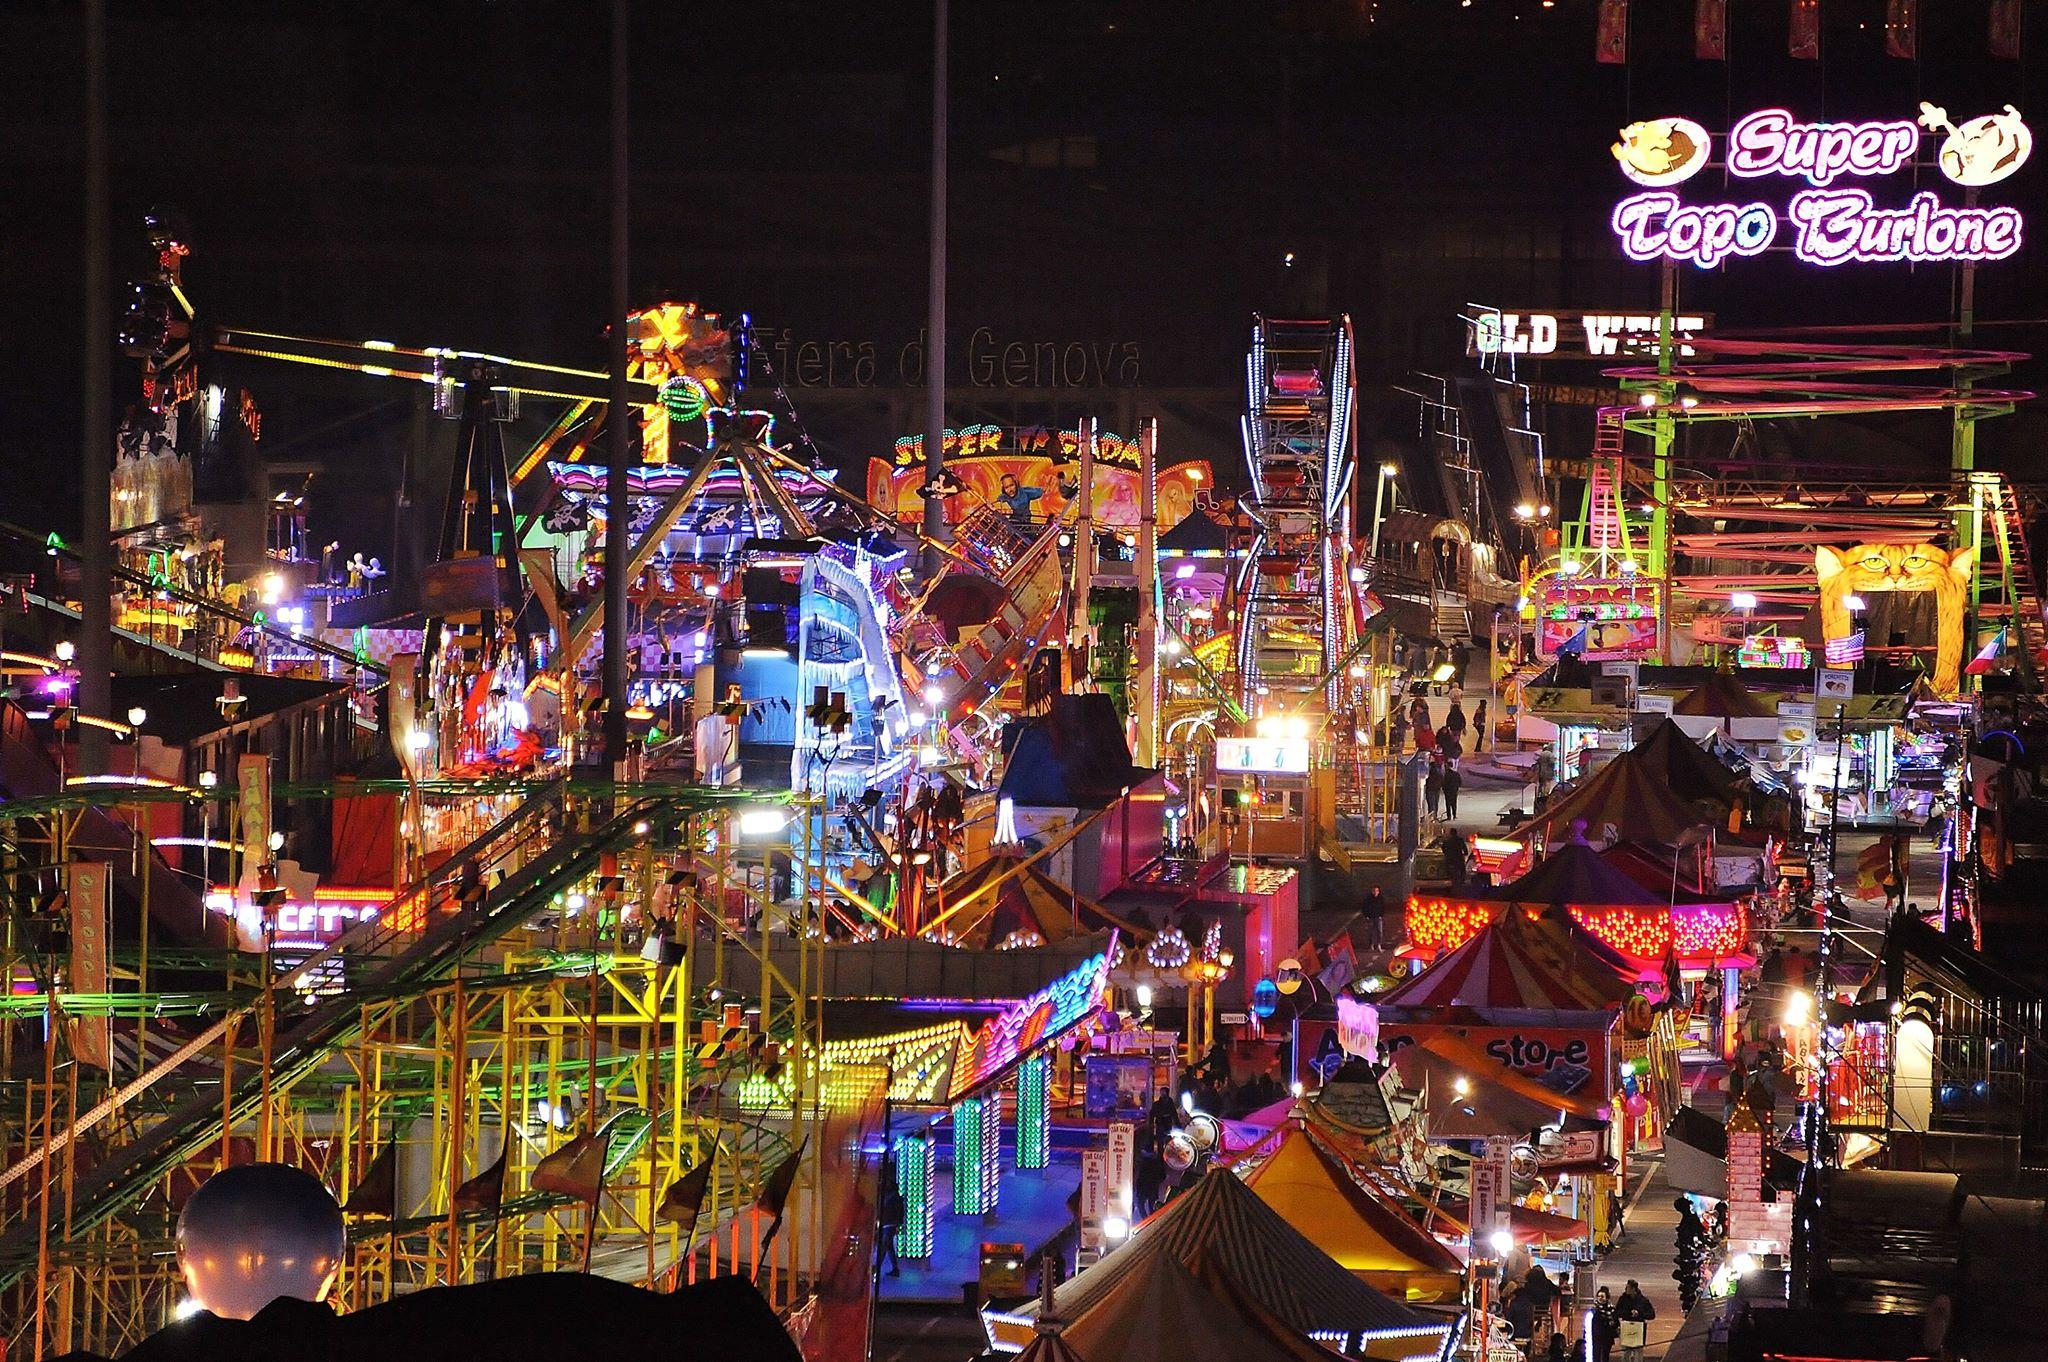 Guarda questa foto sull'evento Winter Park Genova a Genova